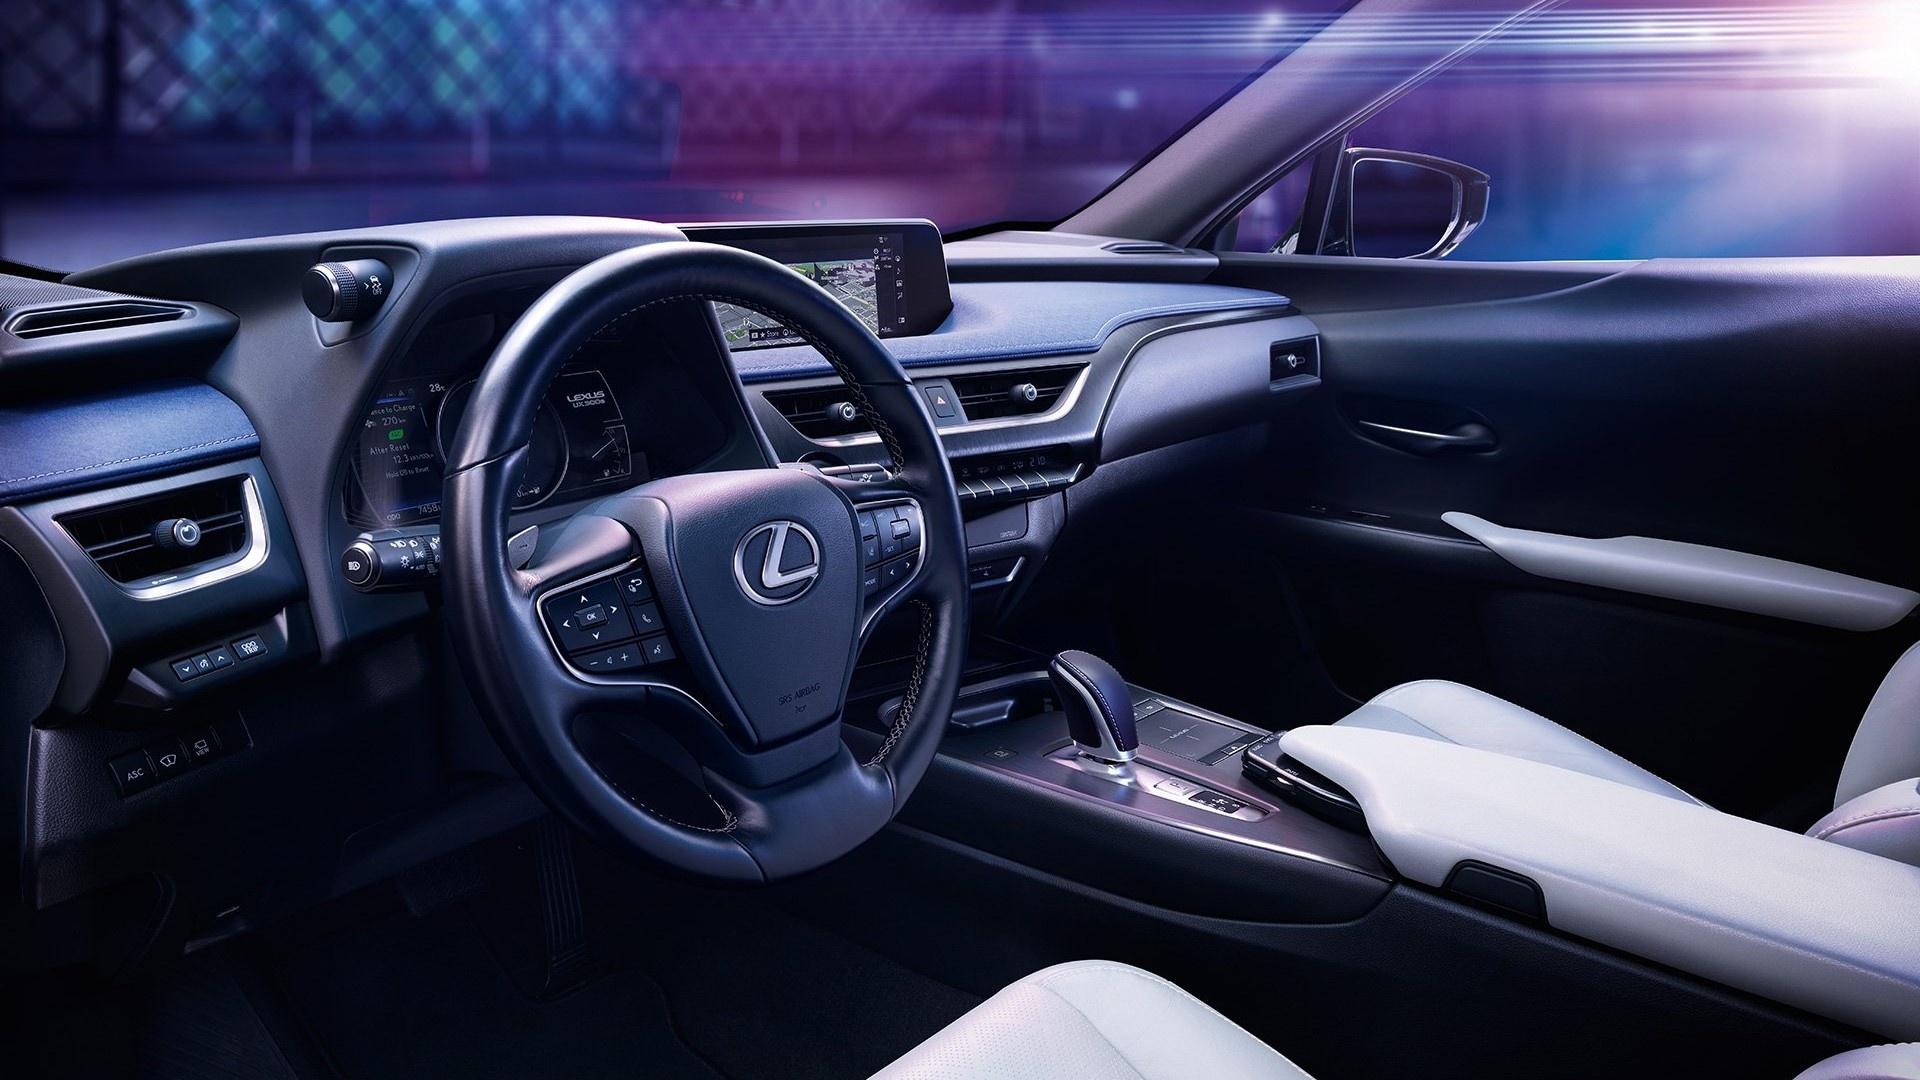 UX 300e - xe dien dau tien cua Lexus ra mat the gioi hinh anh 11